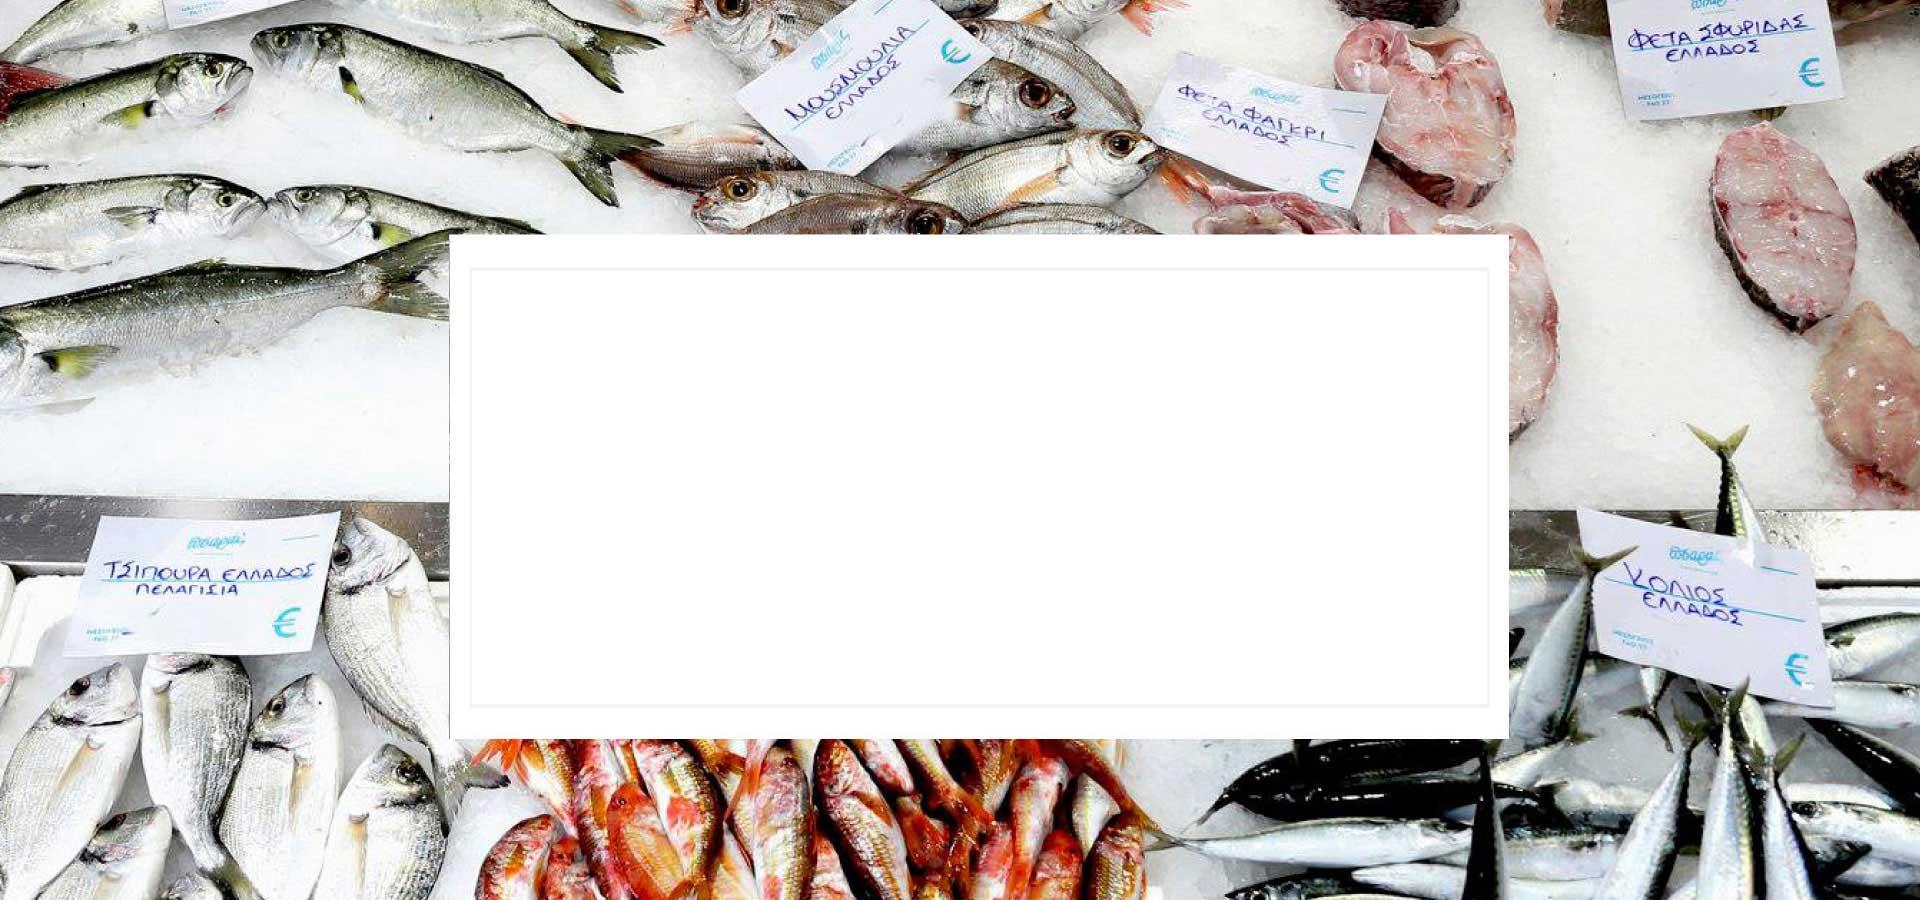 Φρέσκα ψάρια και θαλασσινά στη Θεσσαλονίκη